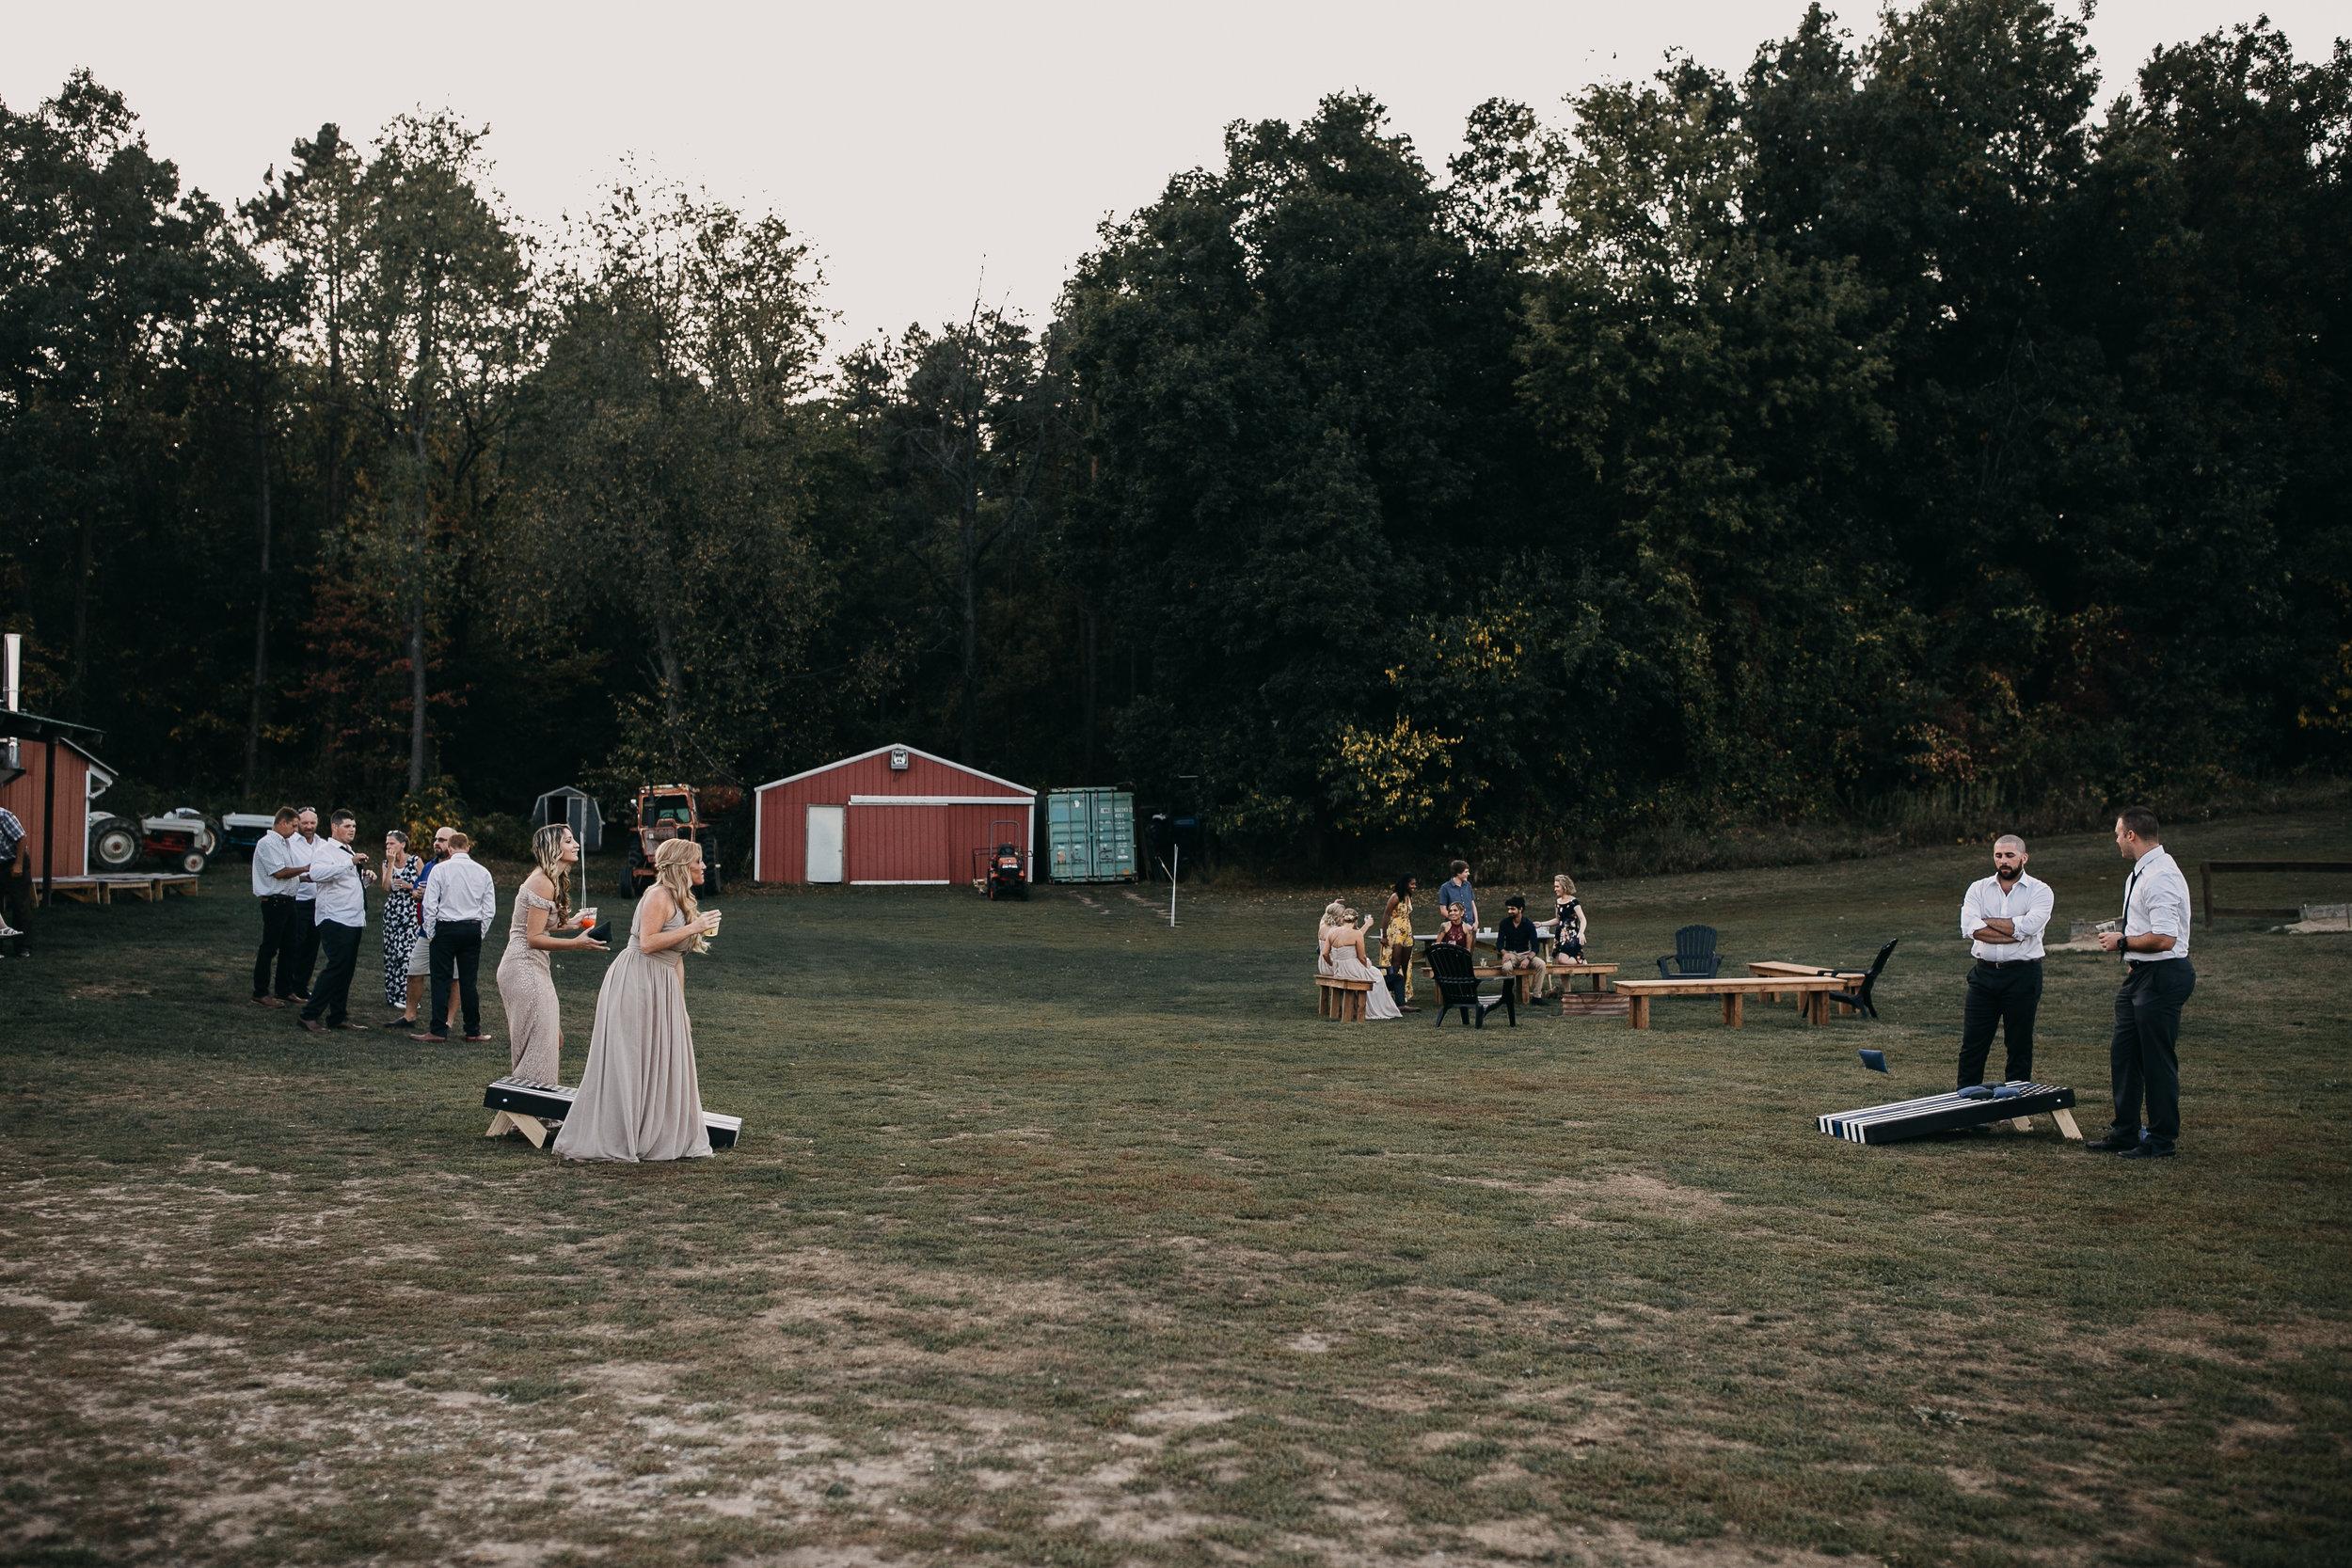 64 wedding yard games.jpg